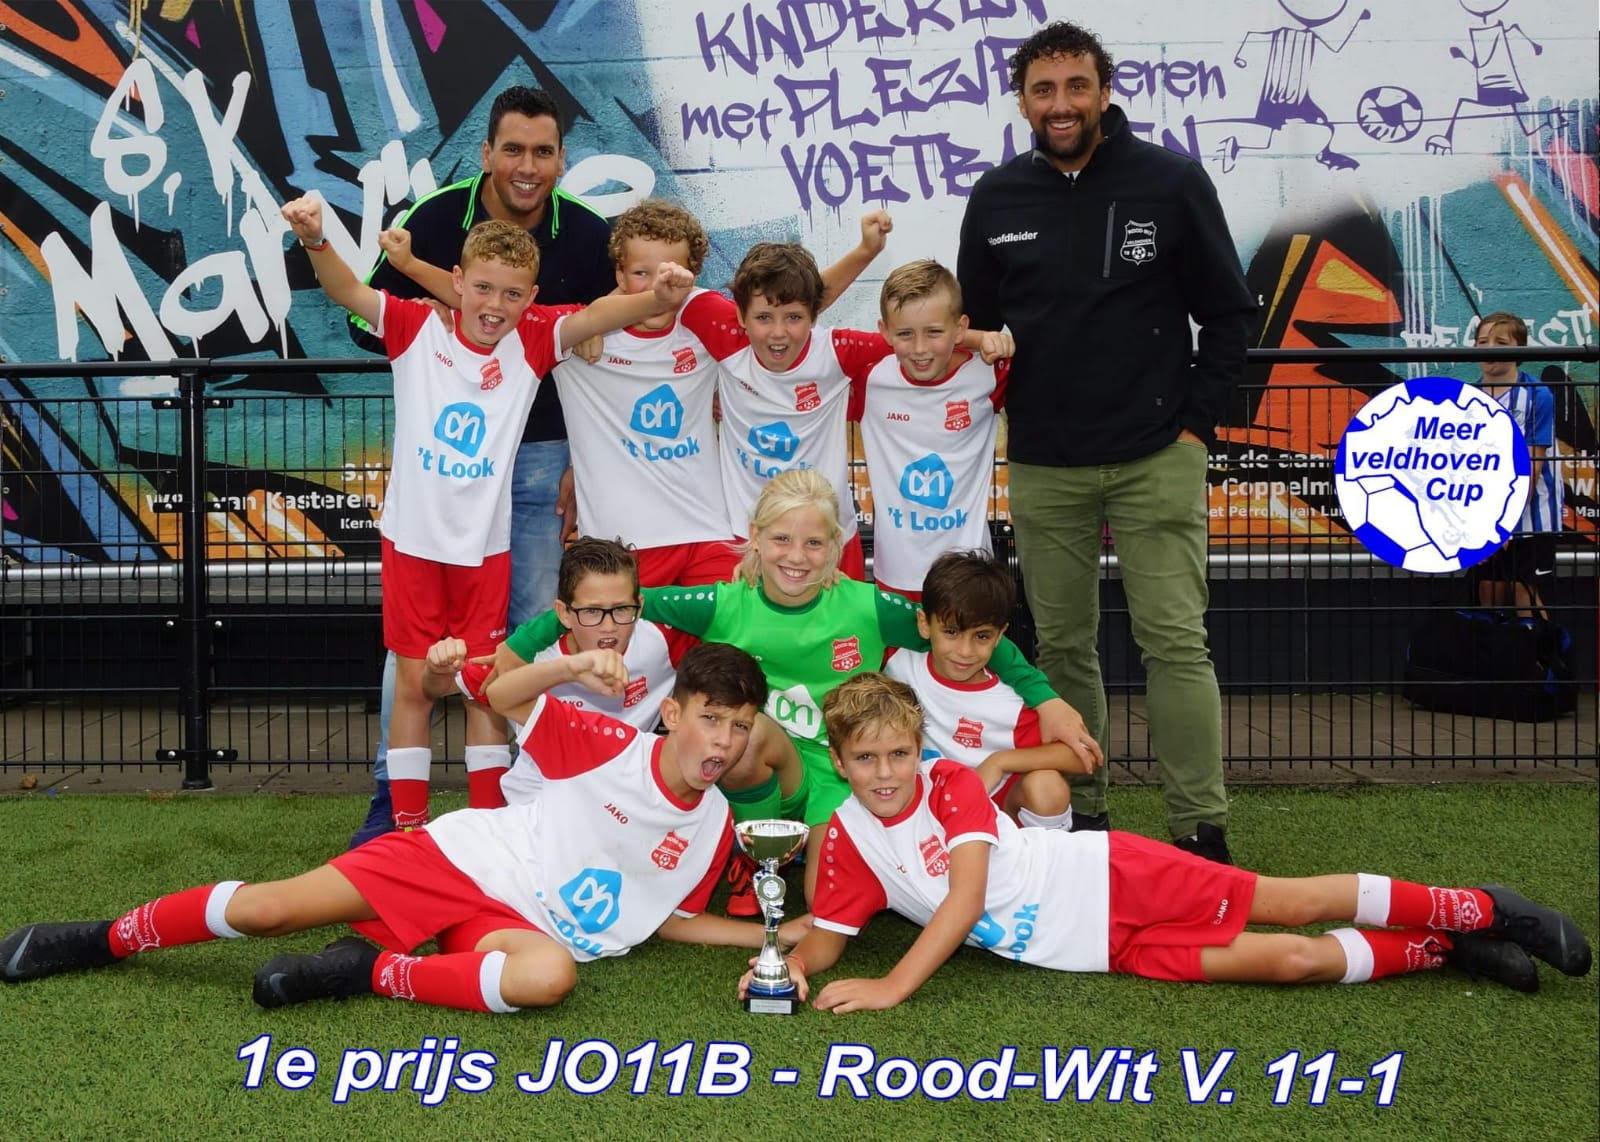 JO11 kampioen Meerveldhoven Cup!